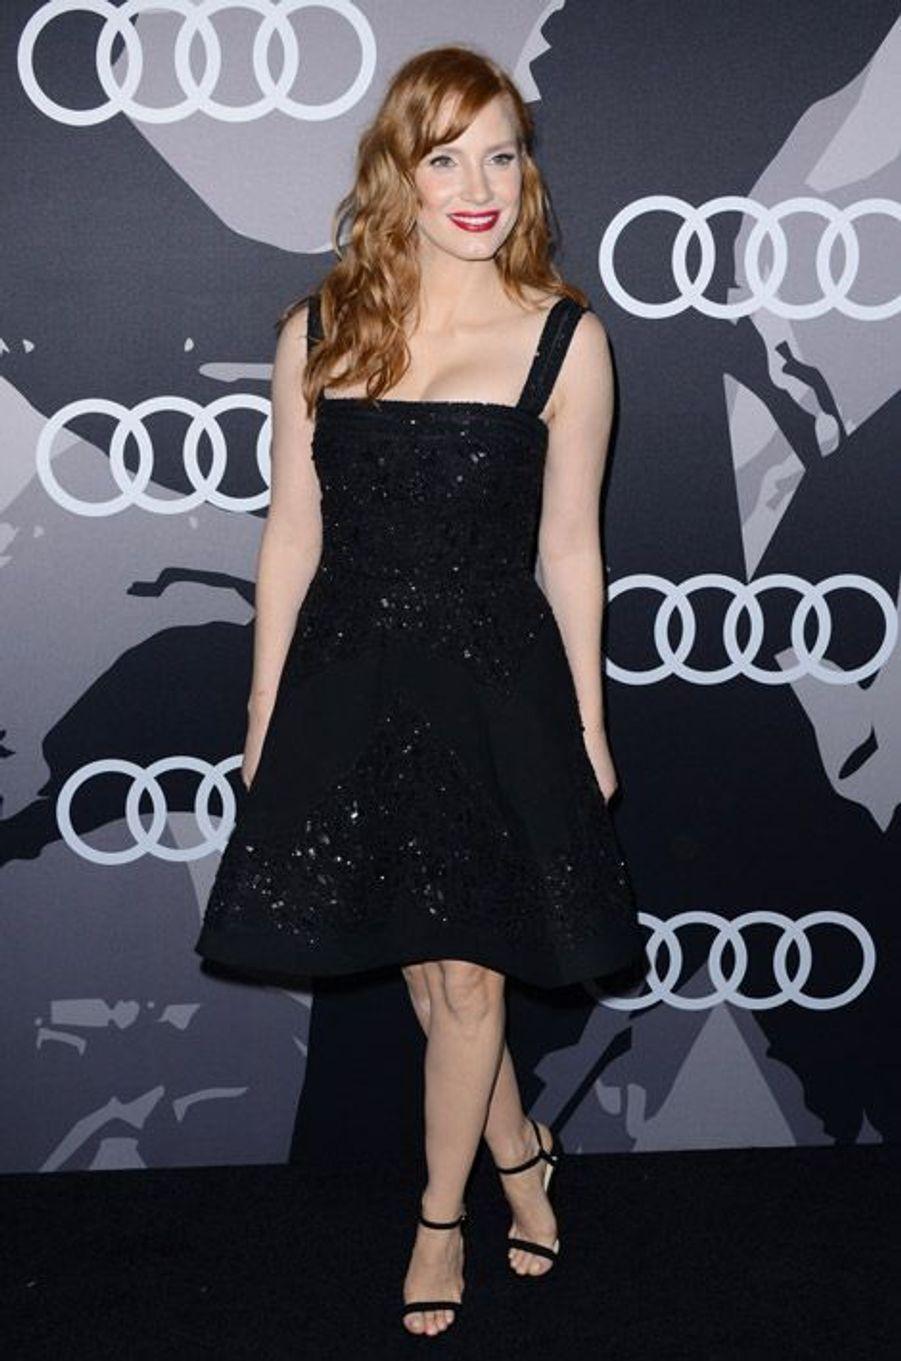 L'actrice Jessica Chastain en Elie Saab lors d'une soirée organisée avant les Golden Globes à Los Angeles, le 8 janvier 2015